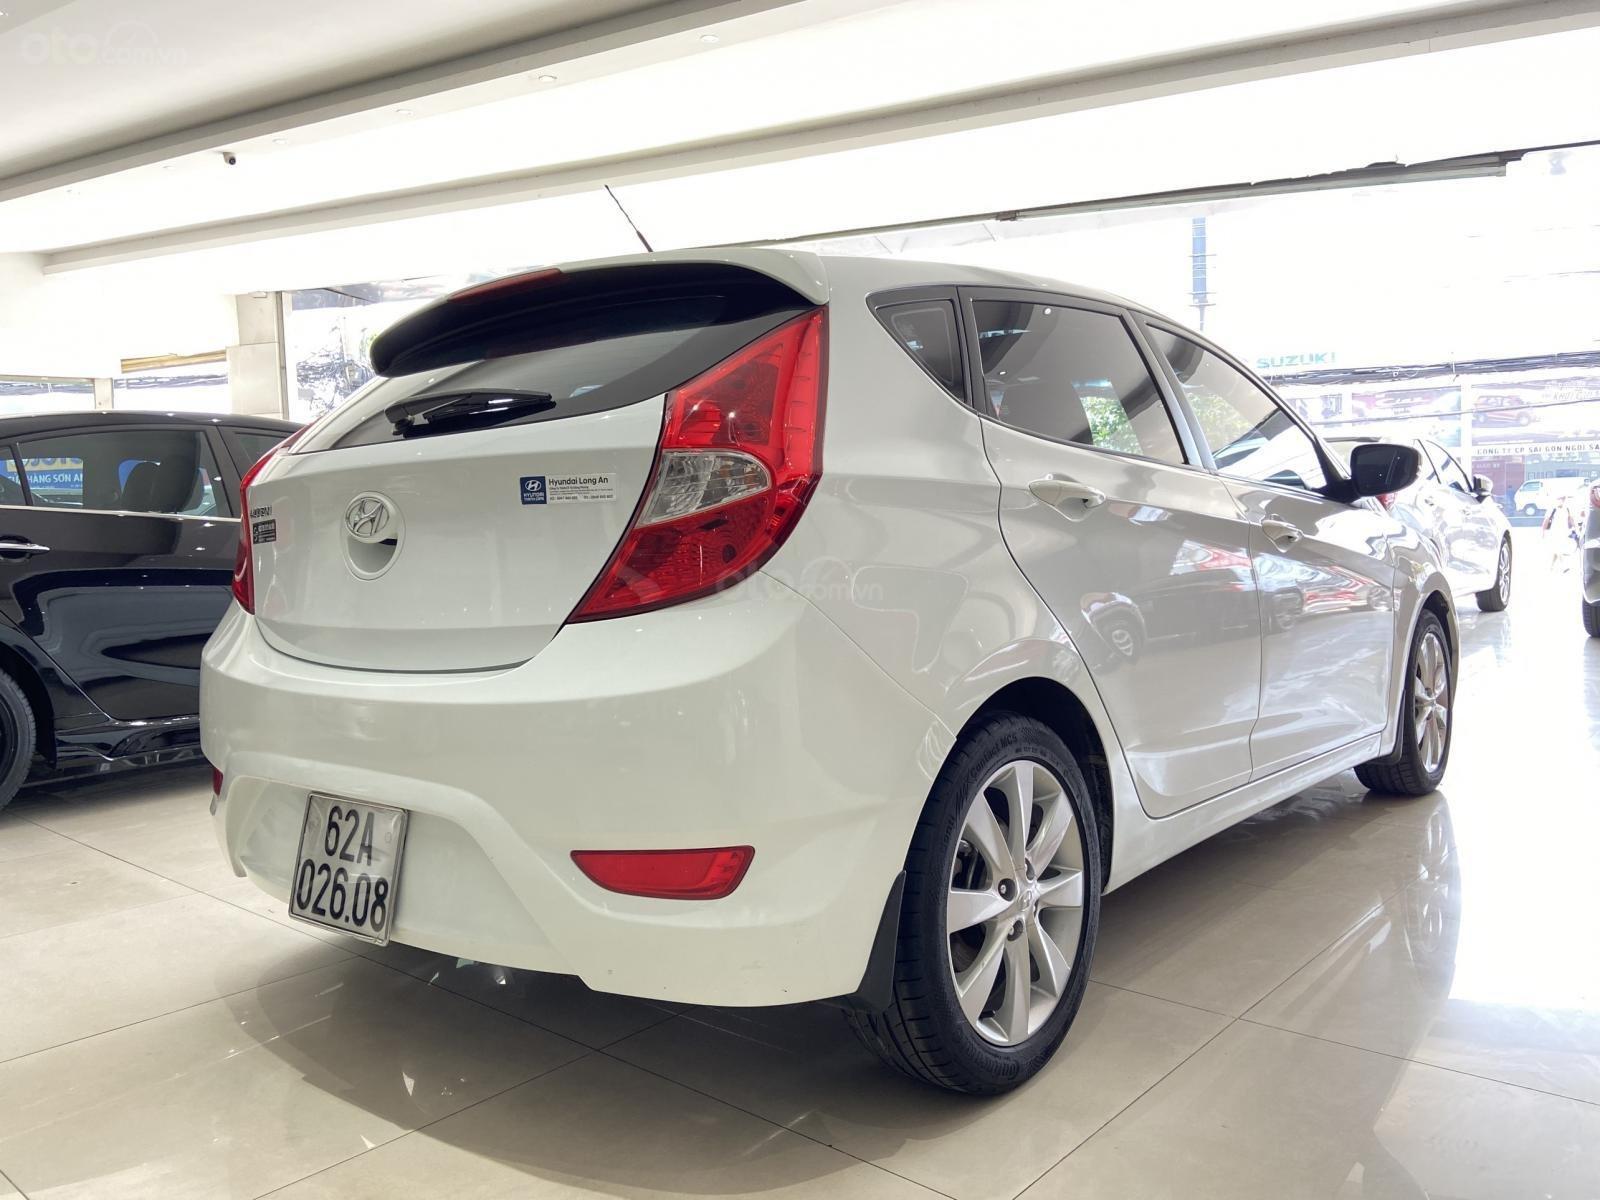 Bán xe Hyundai Accent màu trắng, xe gia đình nên đẹp như mới (5)